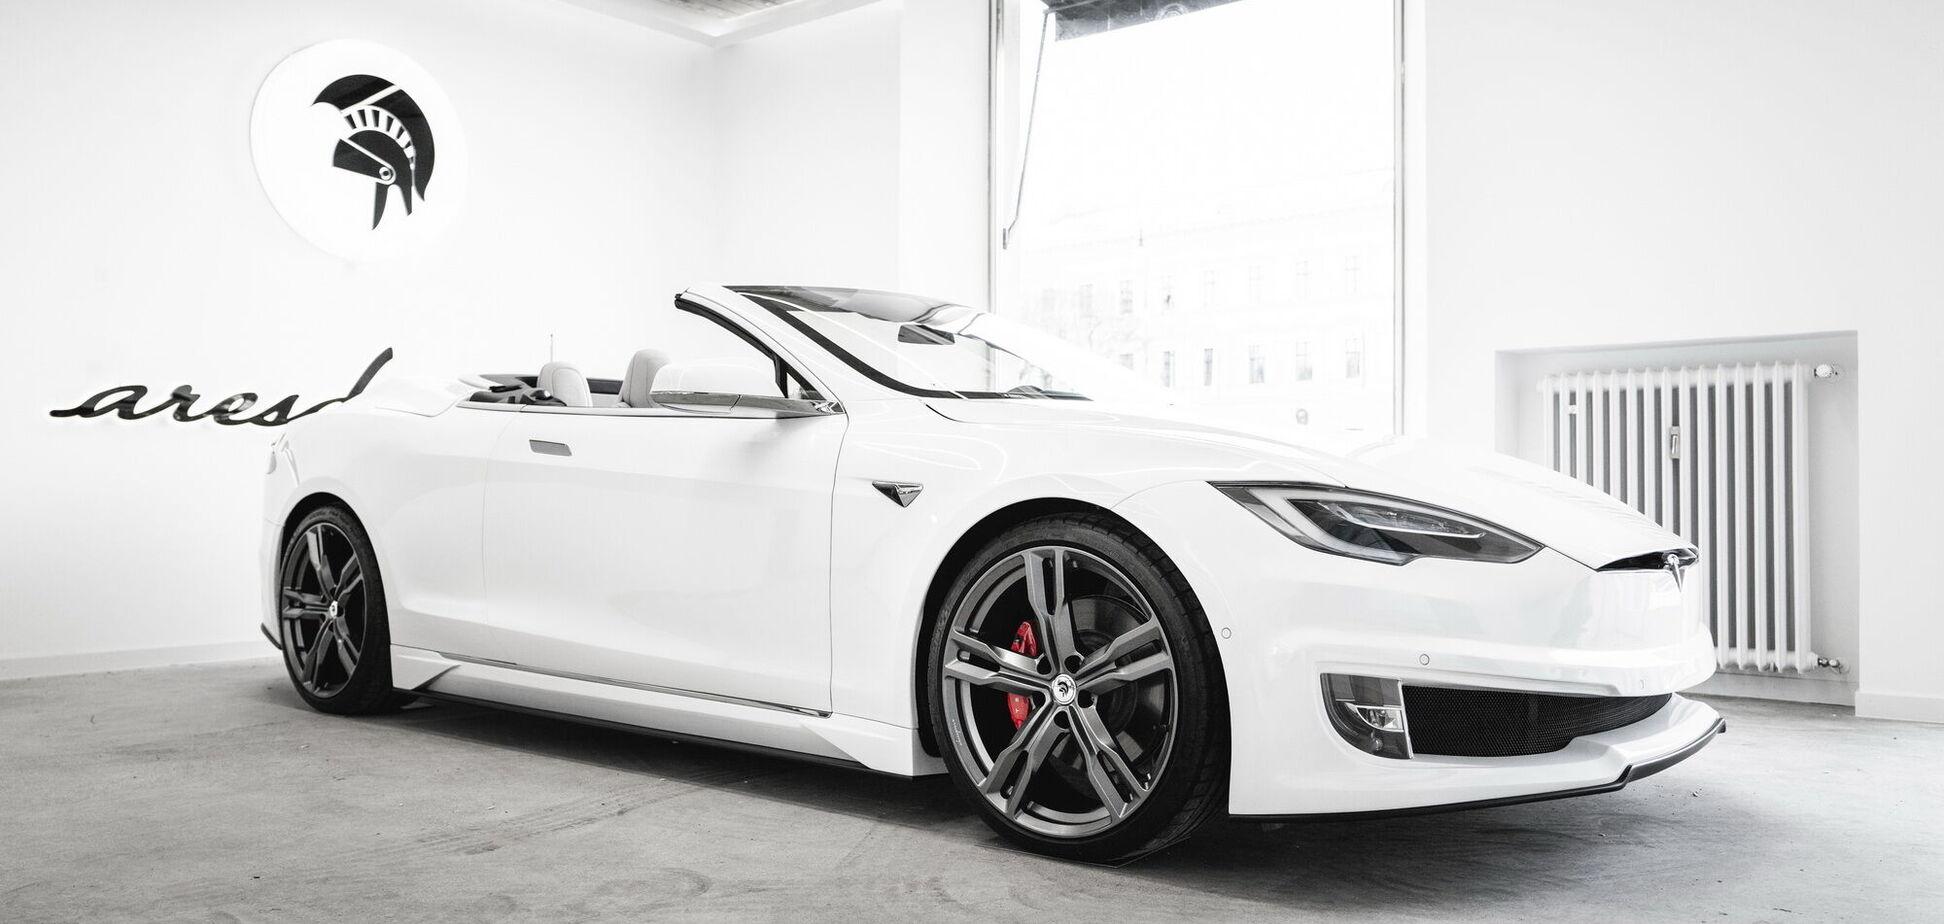 Из Tesla Model S сделали двухдверный кабриолет